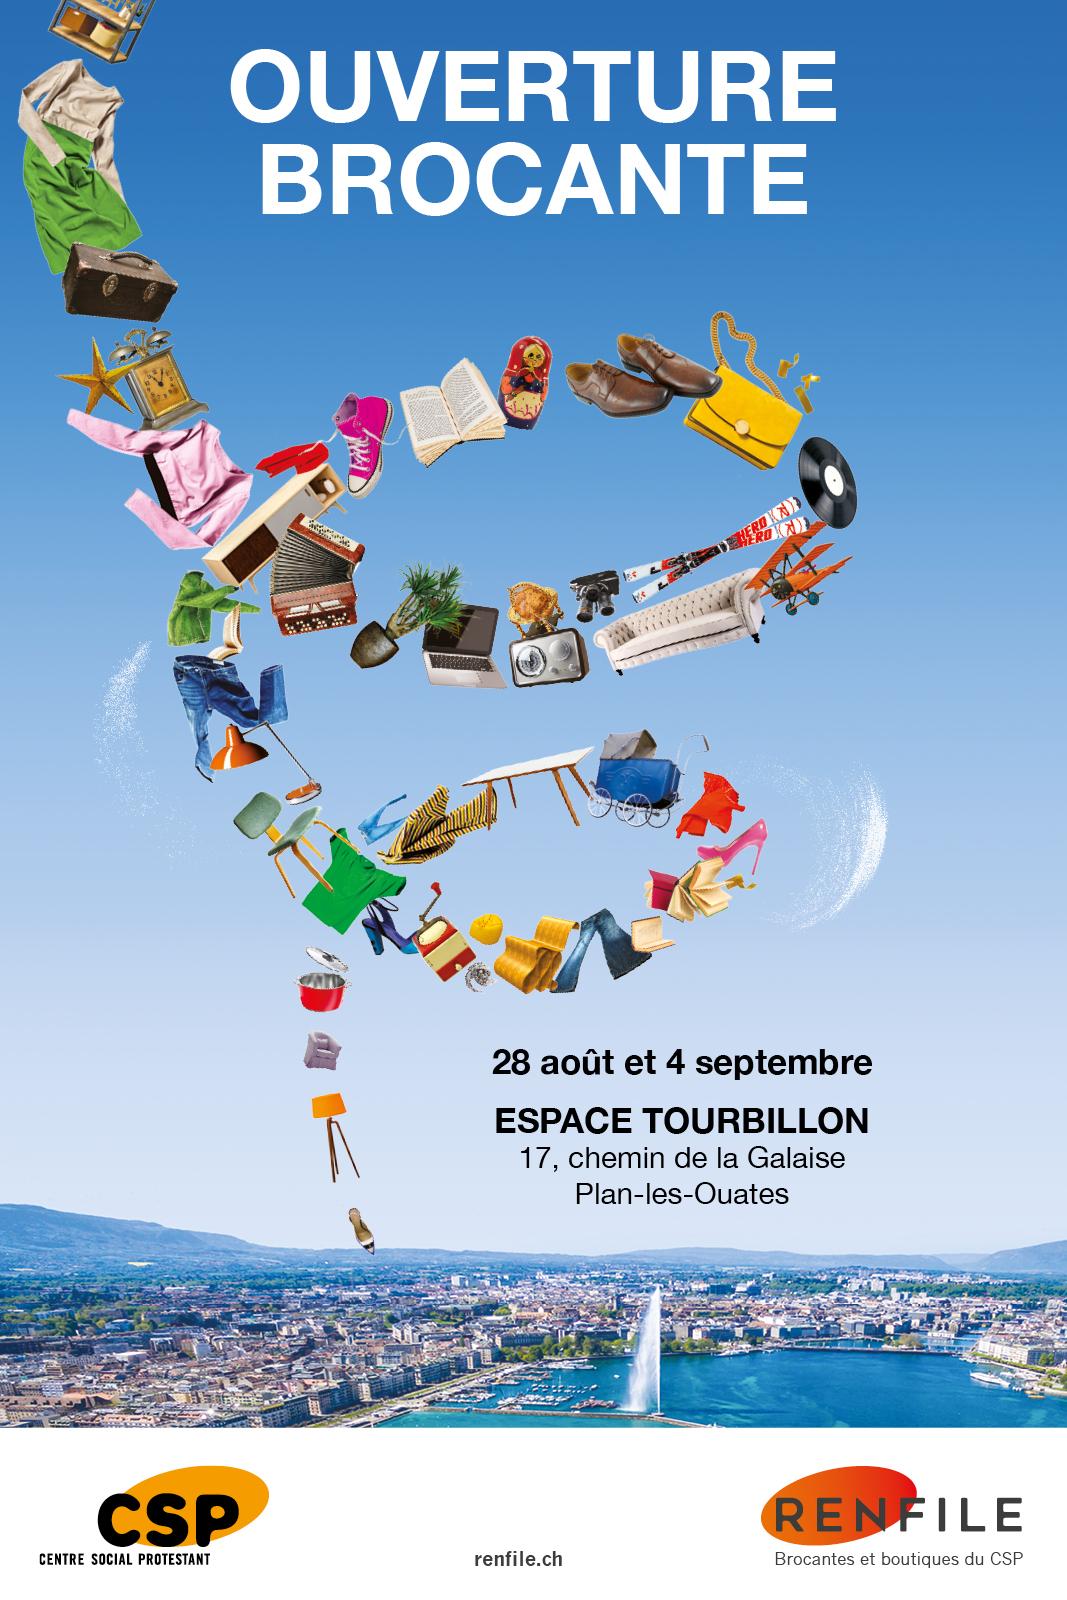 EtienneEtienne signe la campagne d'ouverture de la nouvelle brocante Renfile